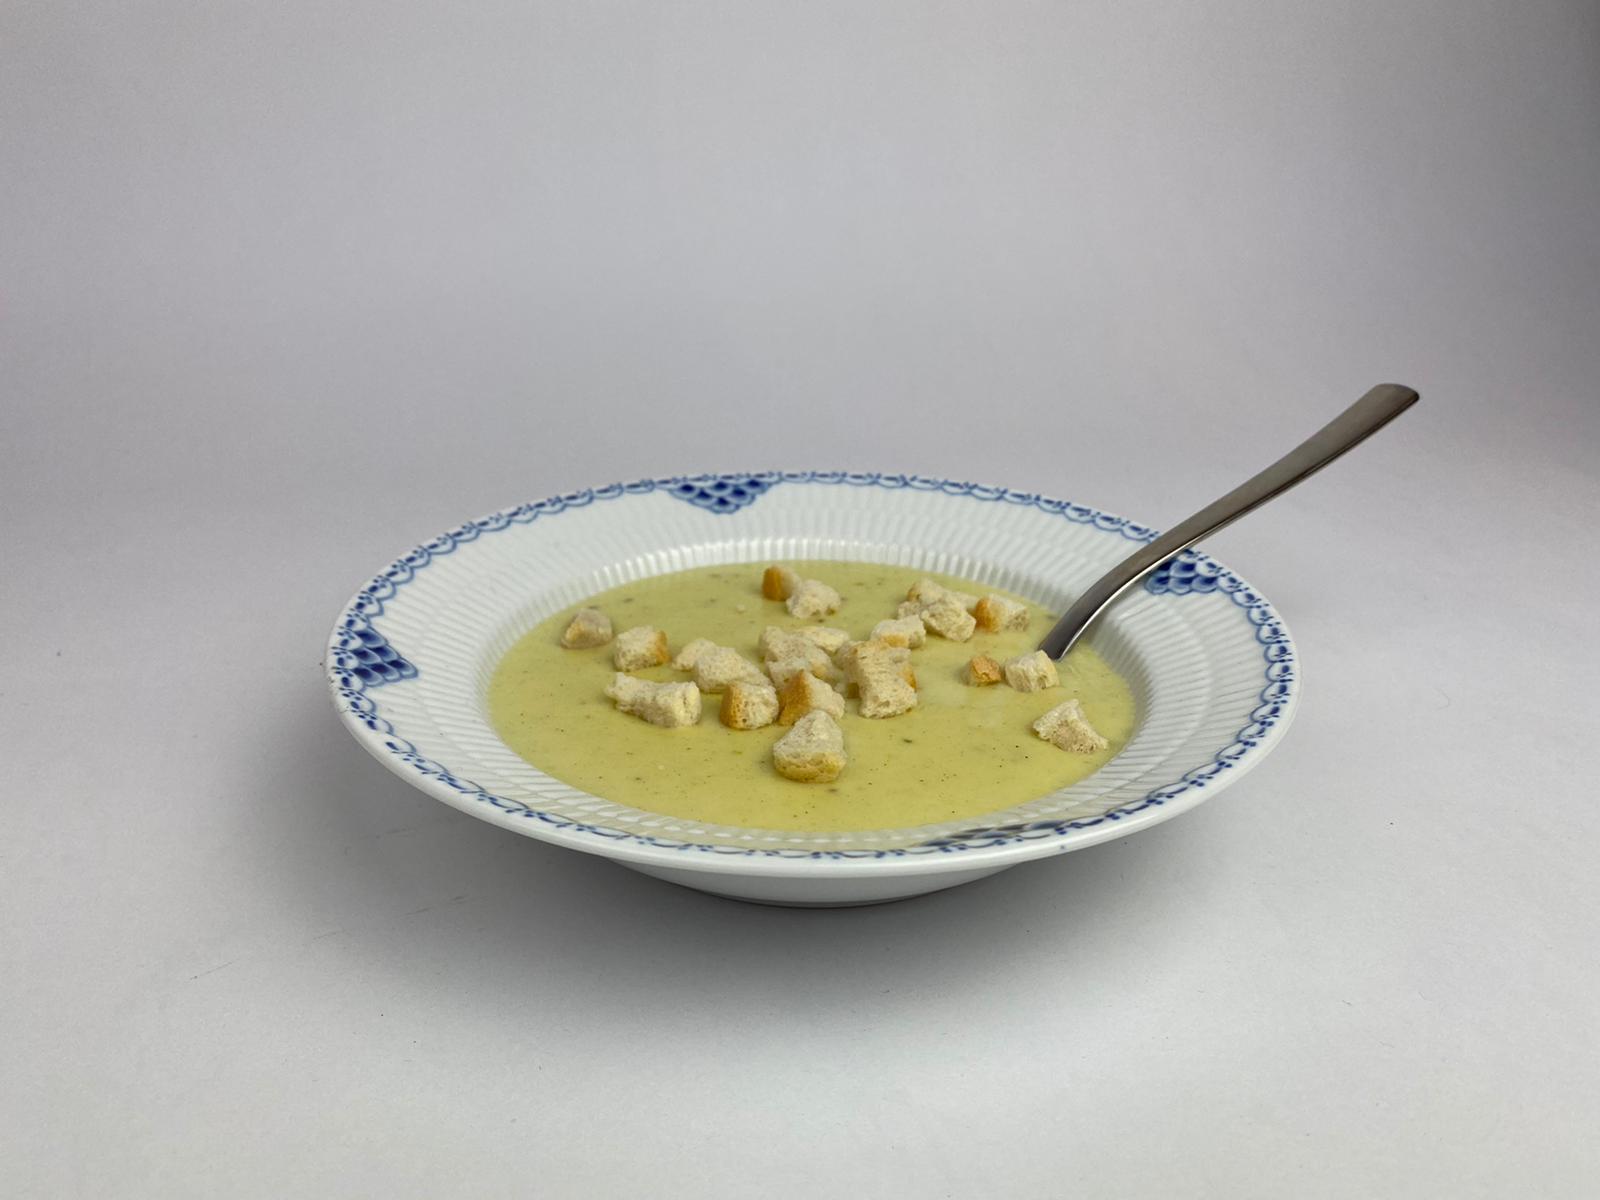 Urli's Zucchini-Cremesuppe